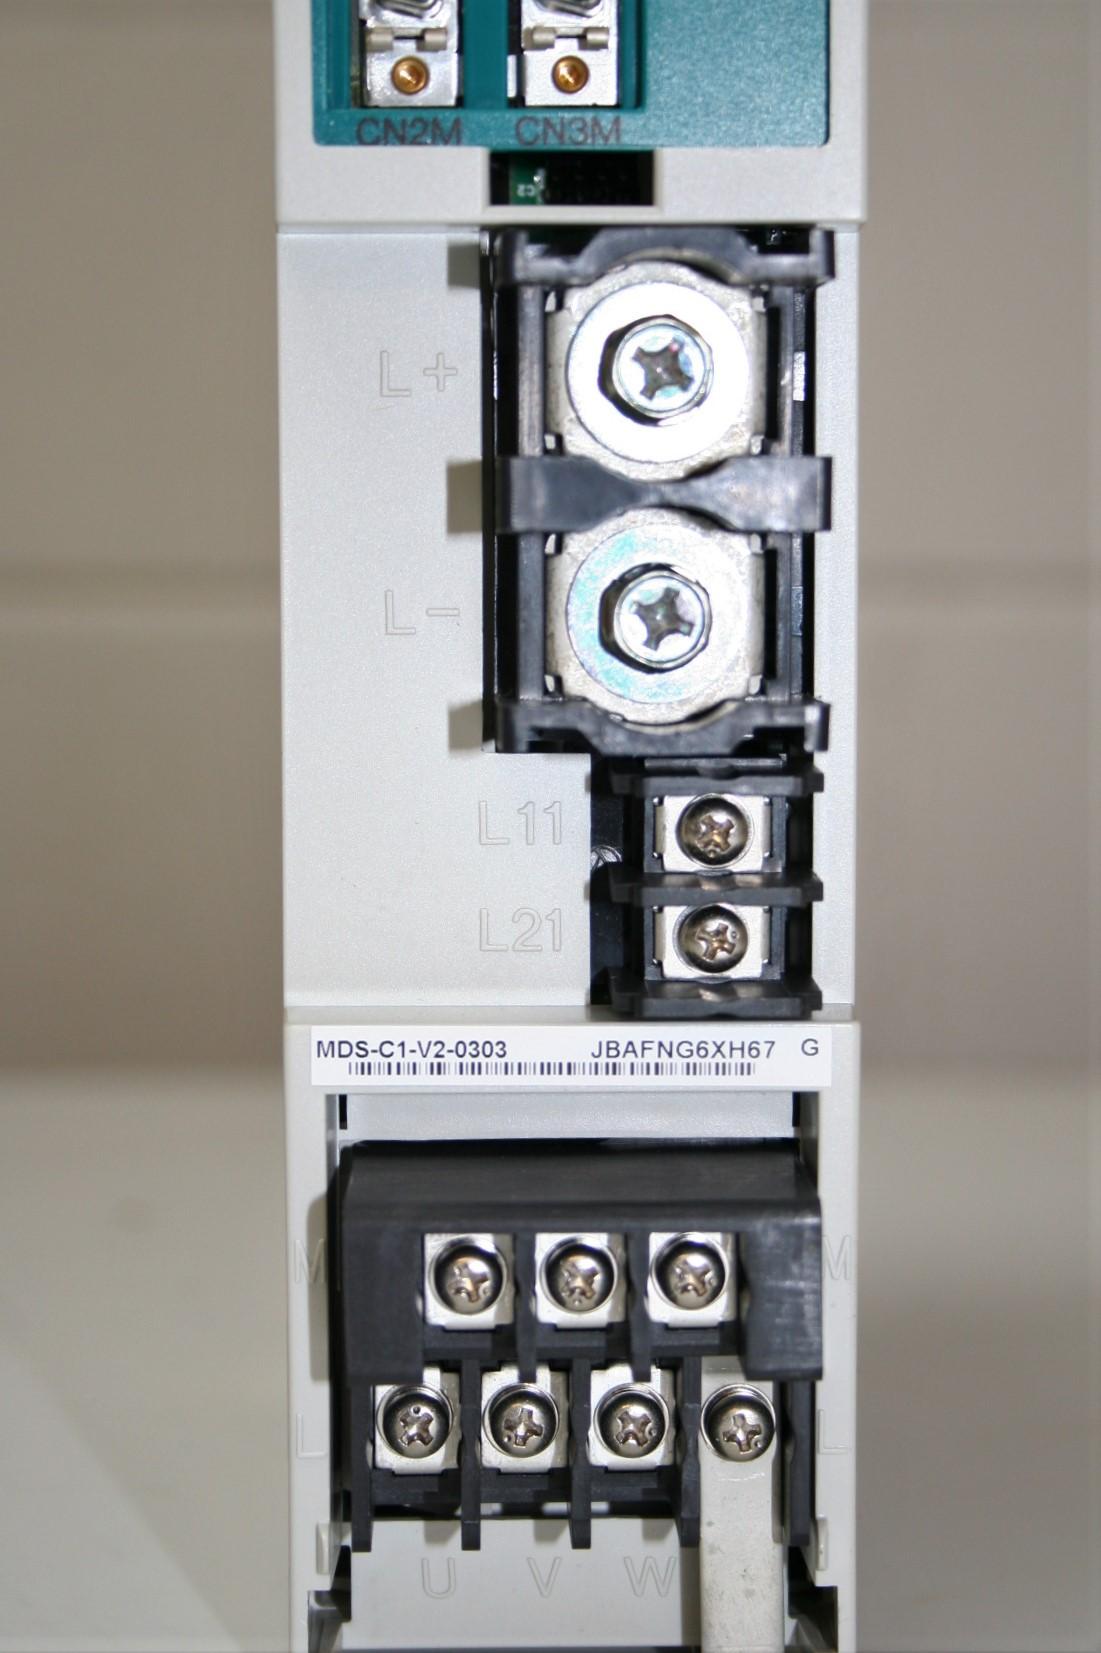 MDS C1 V2 0303 d